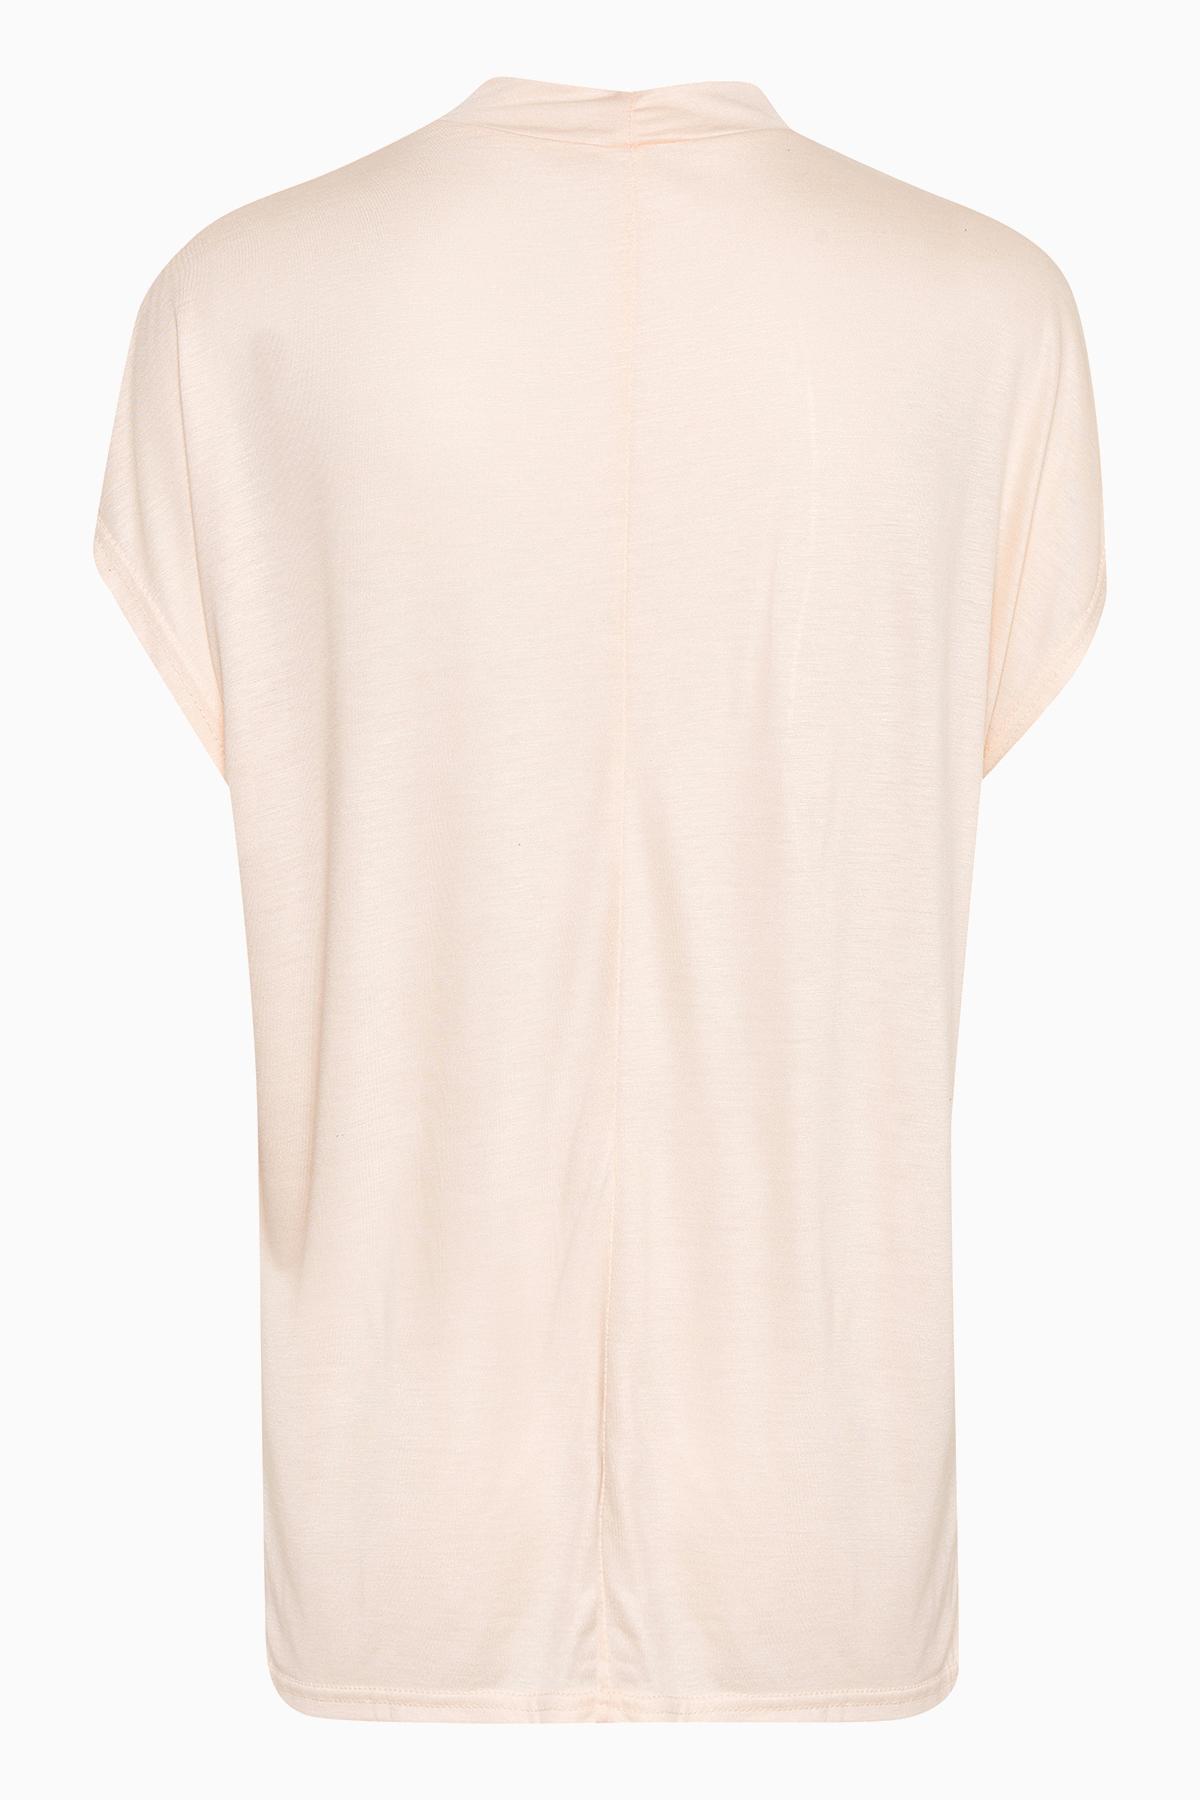 Puder Kortärmad T-shirt från Kaffe – Köp Puder Kortärmad T-shirt från stl. XS-XXL här